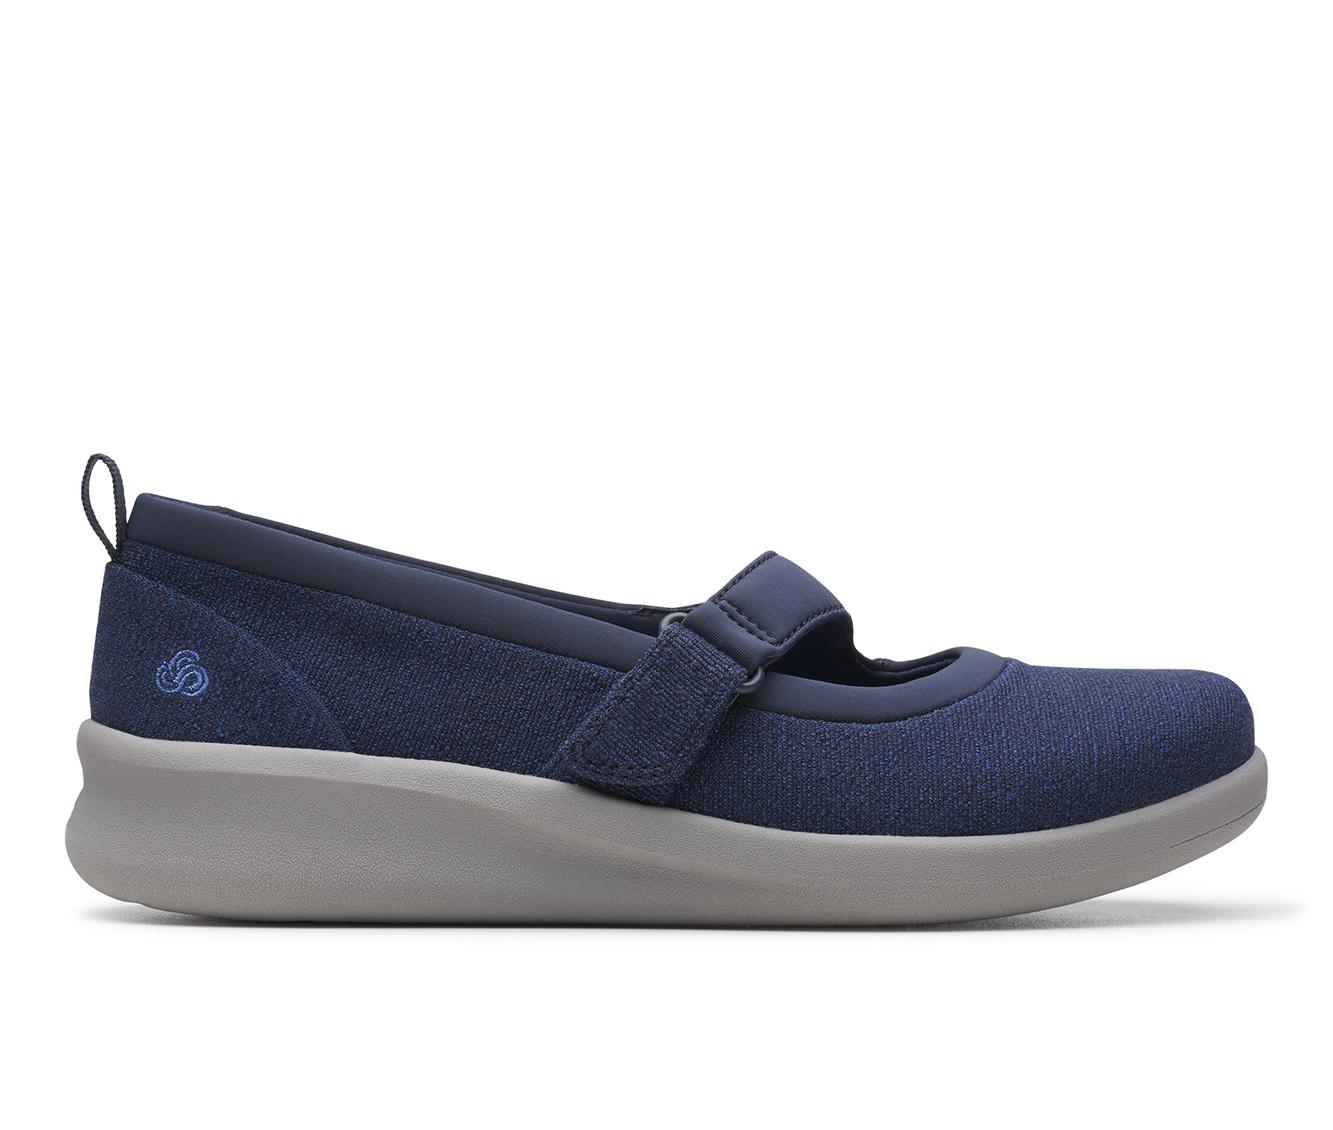 Clarks Sillian 2.0 Soul Women's Shoe (Blue Canvas)